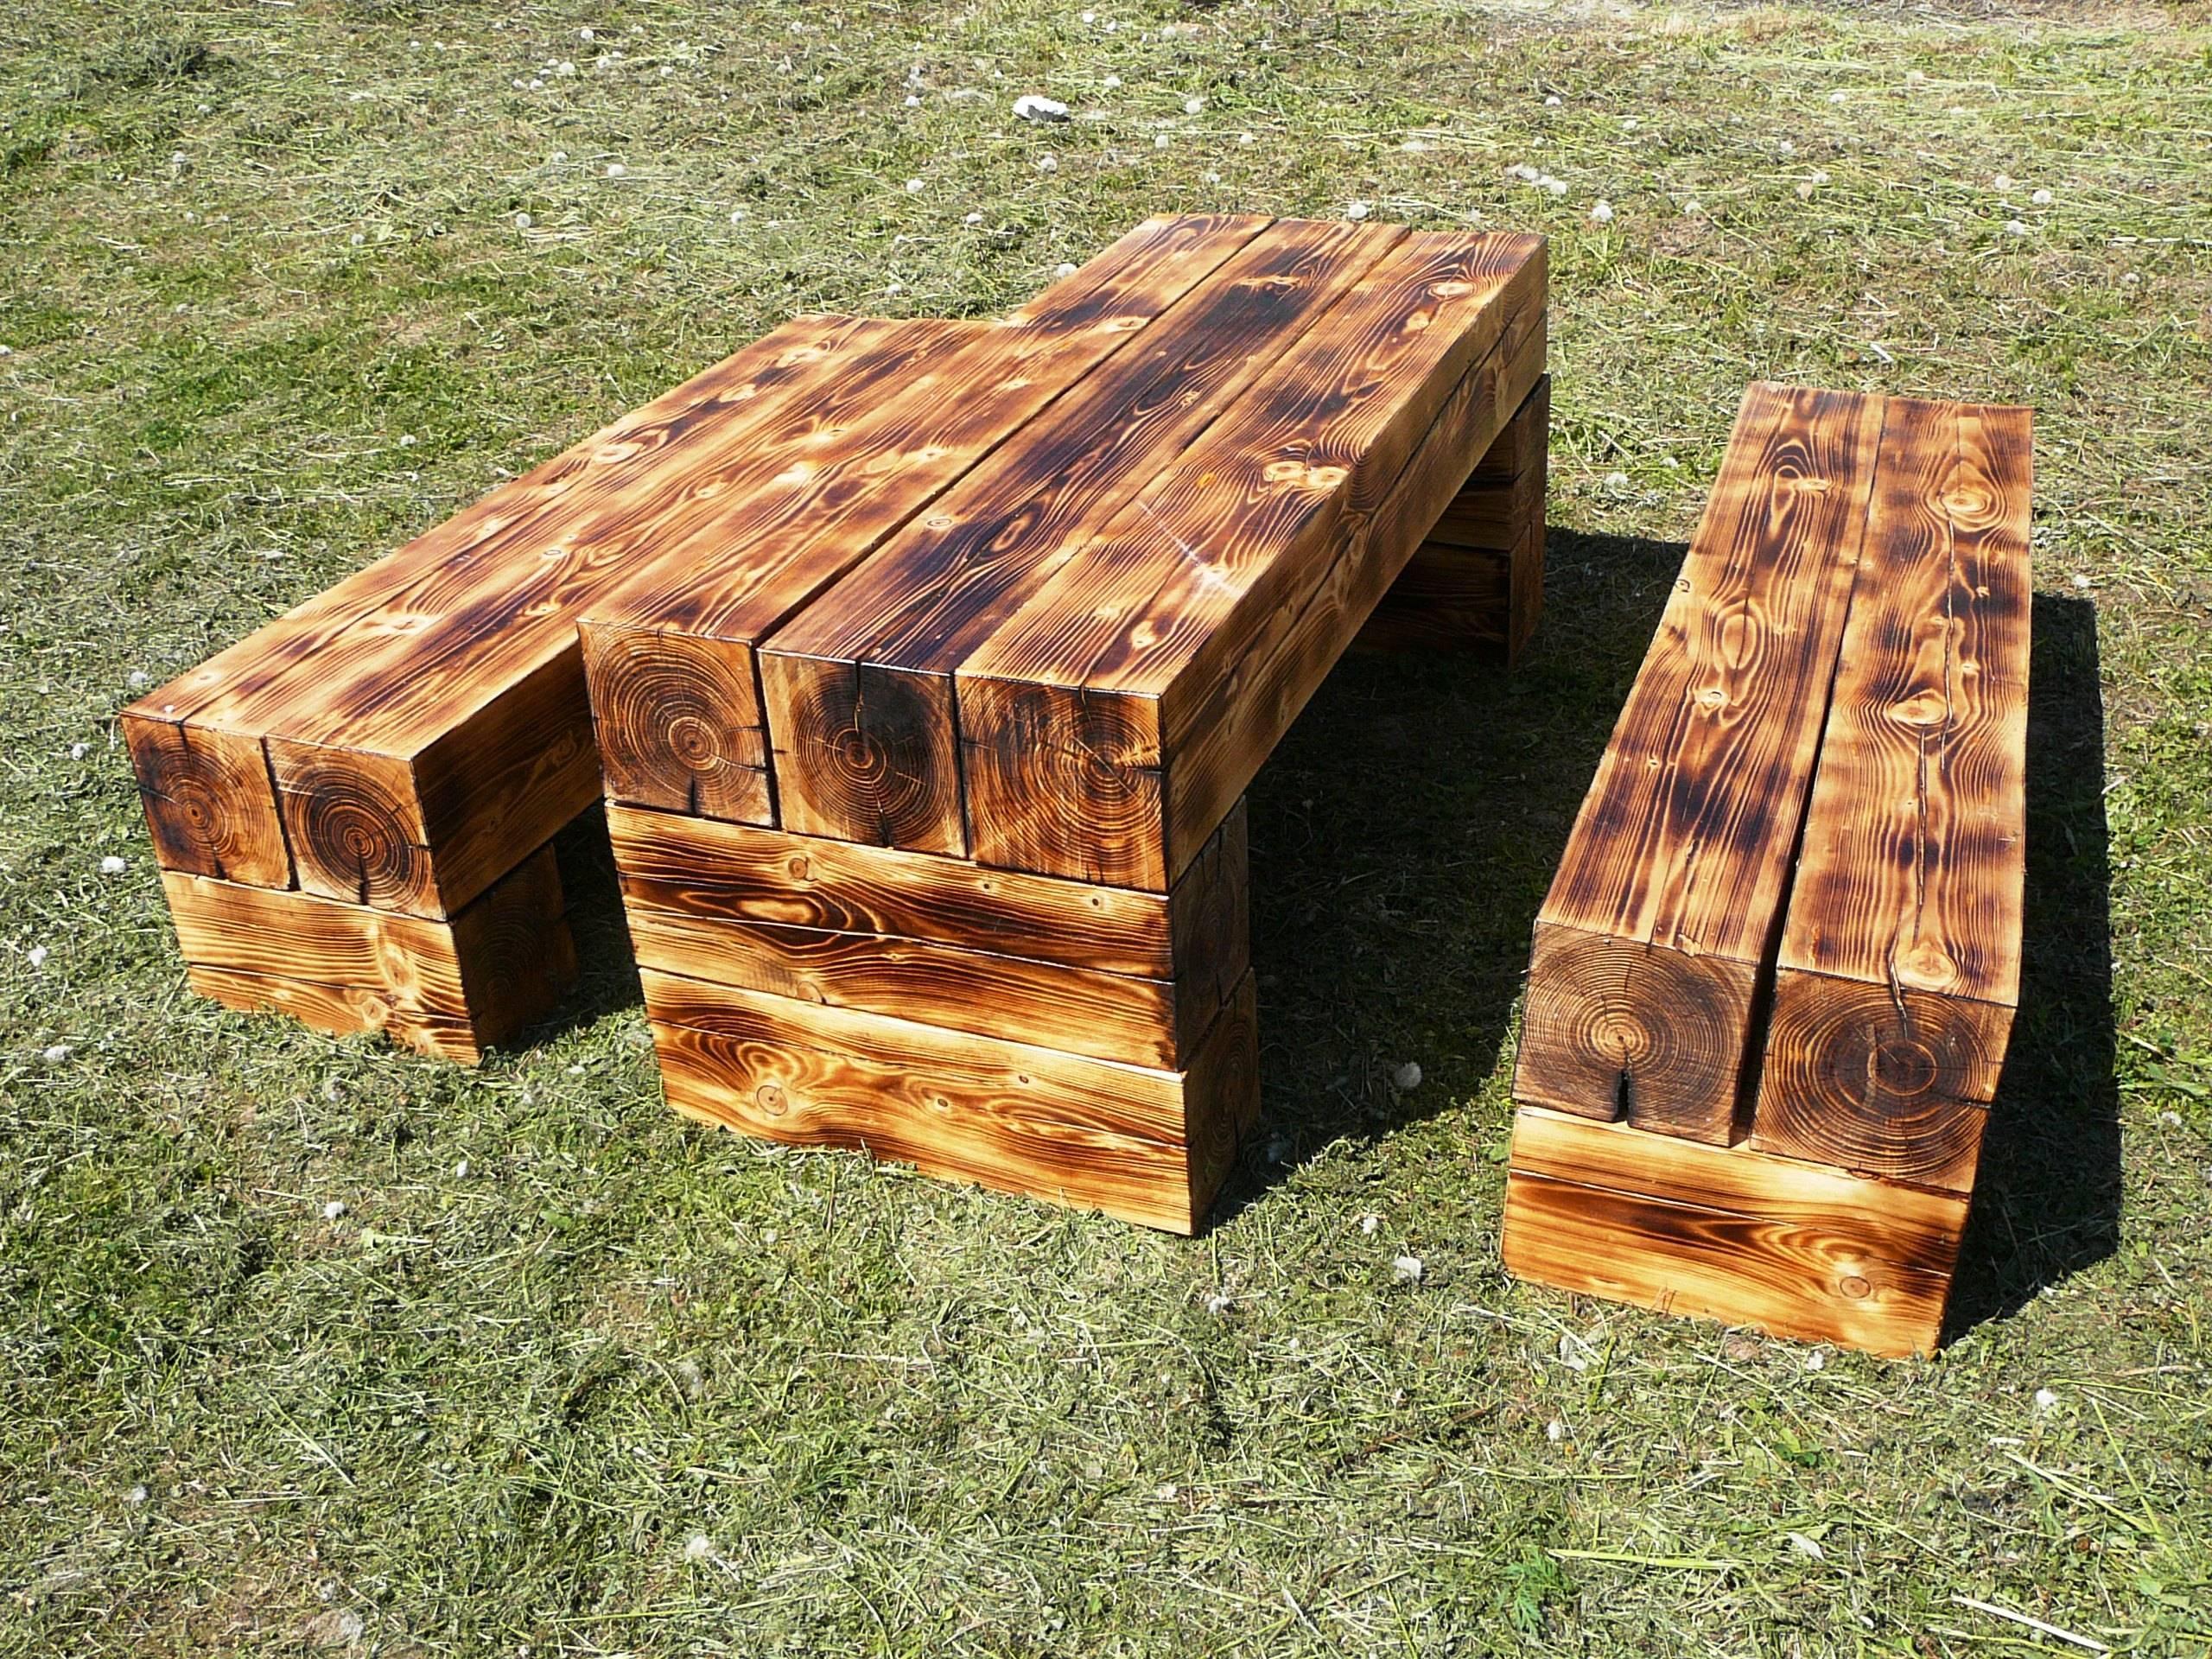 Panchine da giardino ueberaltert 1 0 100 0 pezzi al mese - Panchine da giardino ikea ...